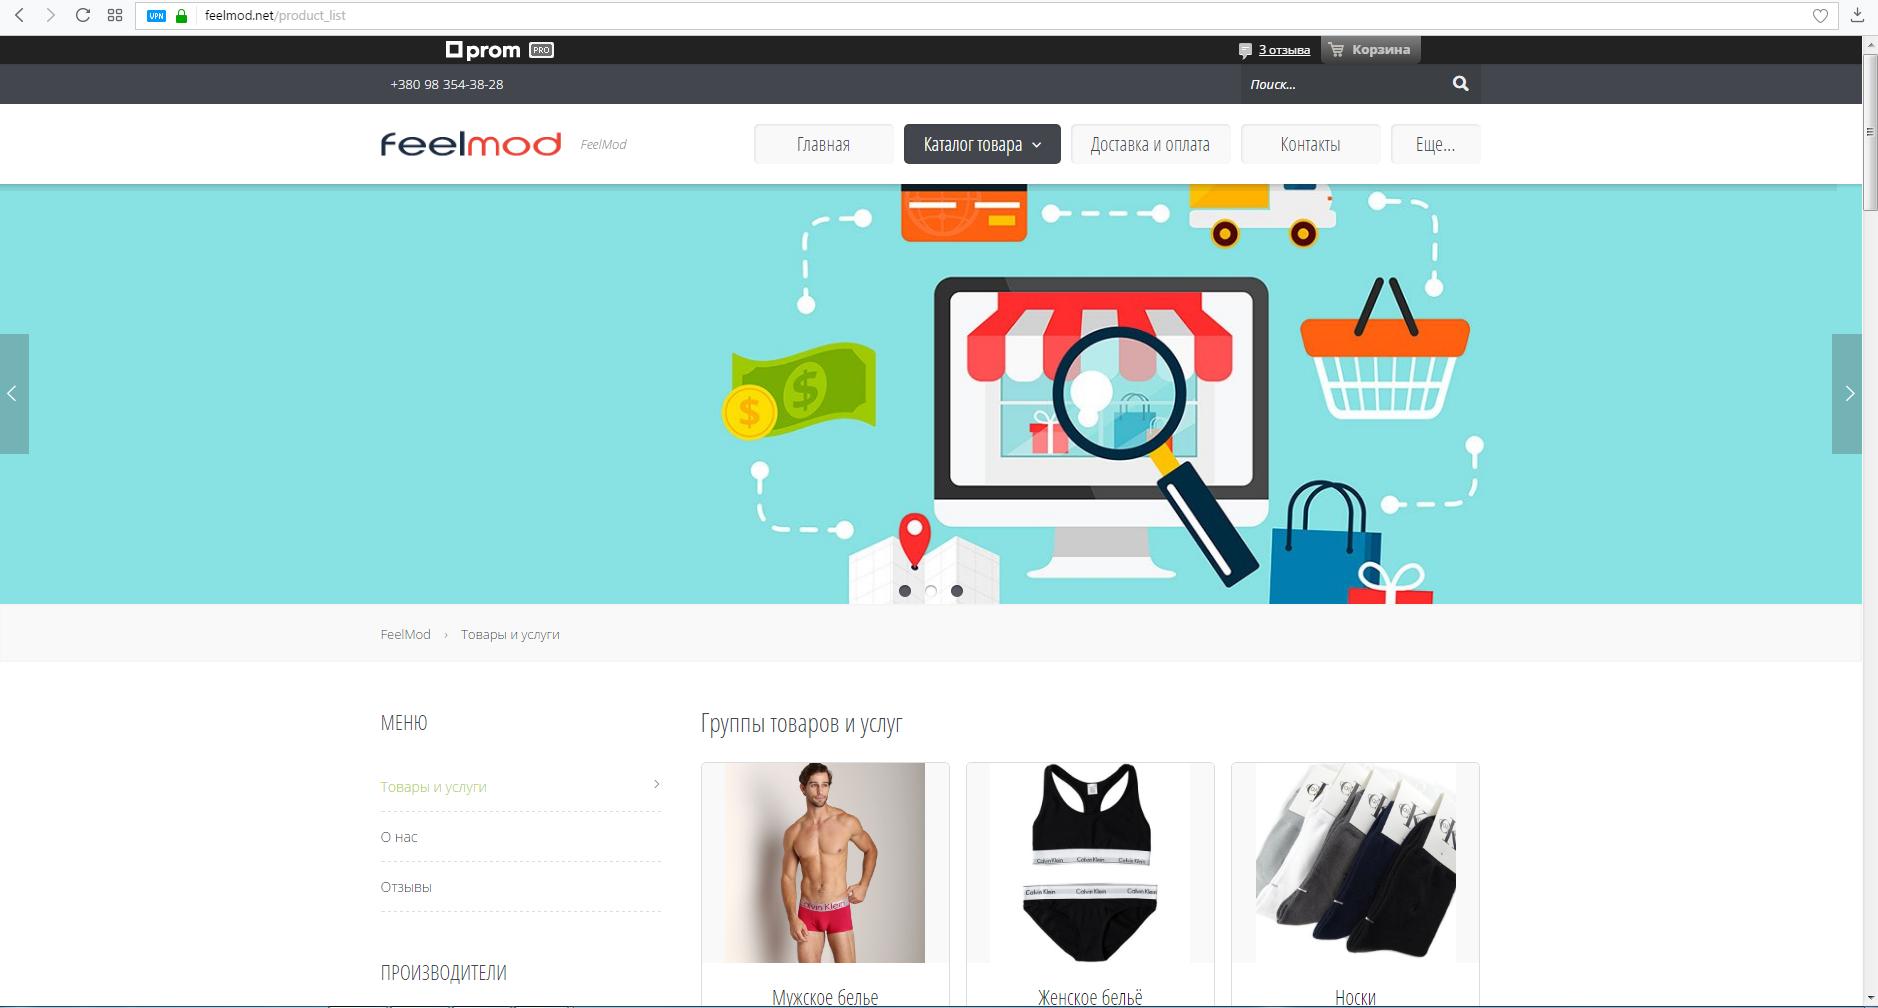 Фото Быстро и качественно наполню ваши сайты нужной информацией. Адекватные цены, постоянно на связи. 2